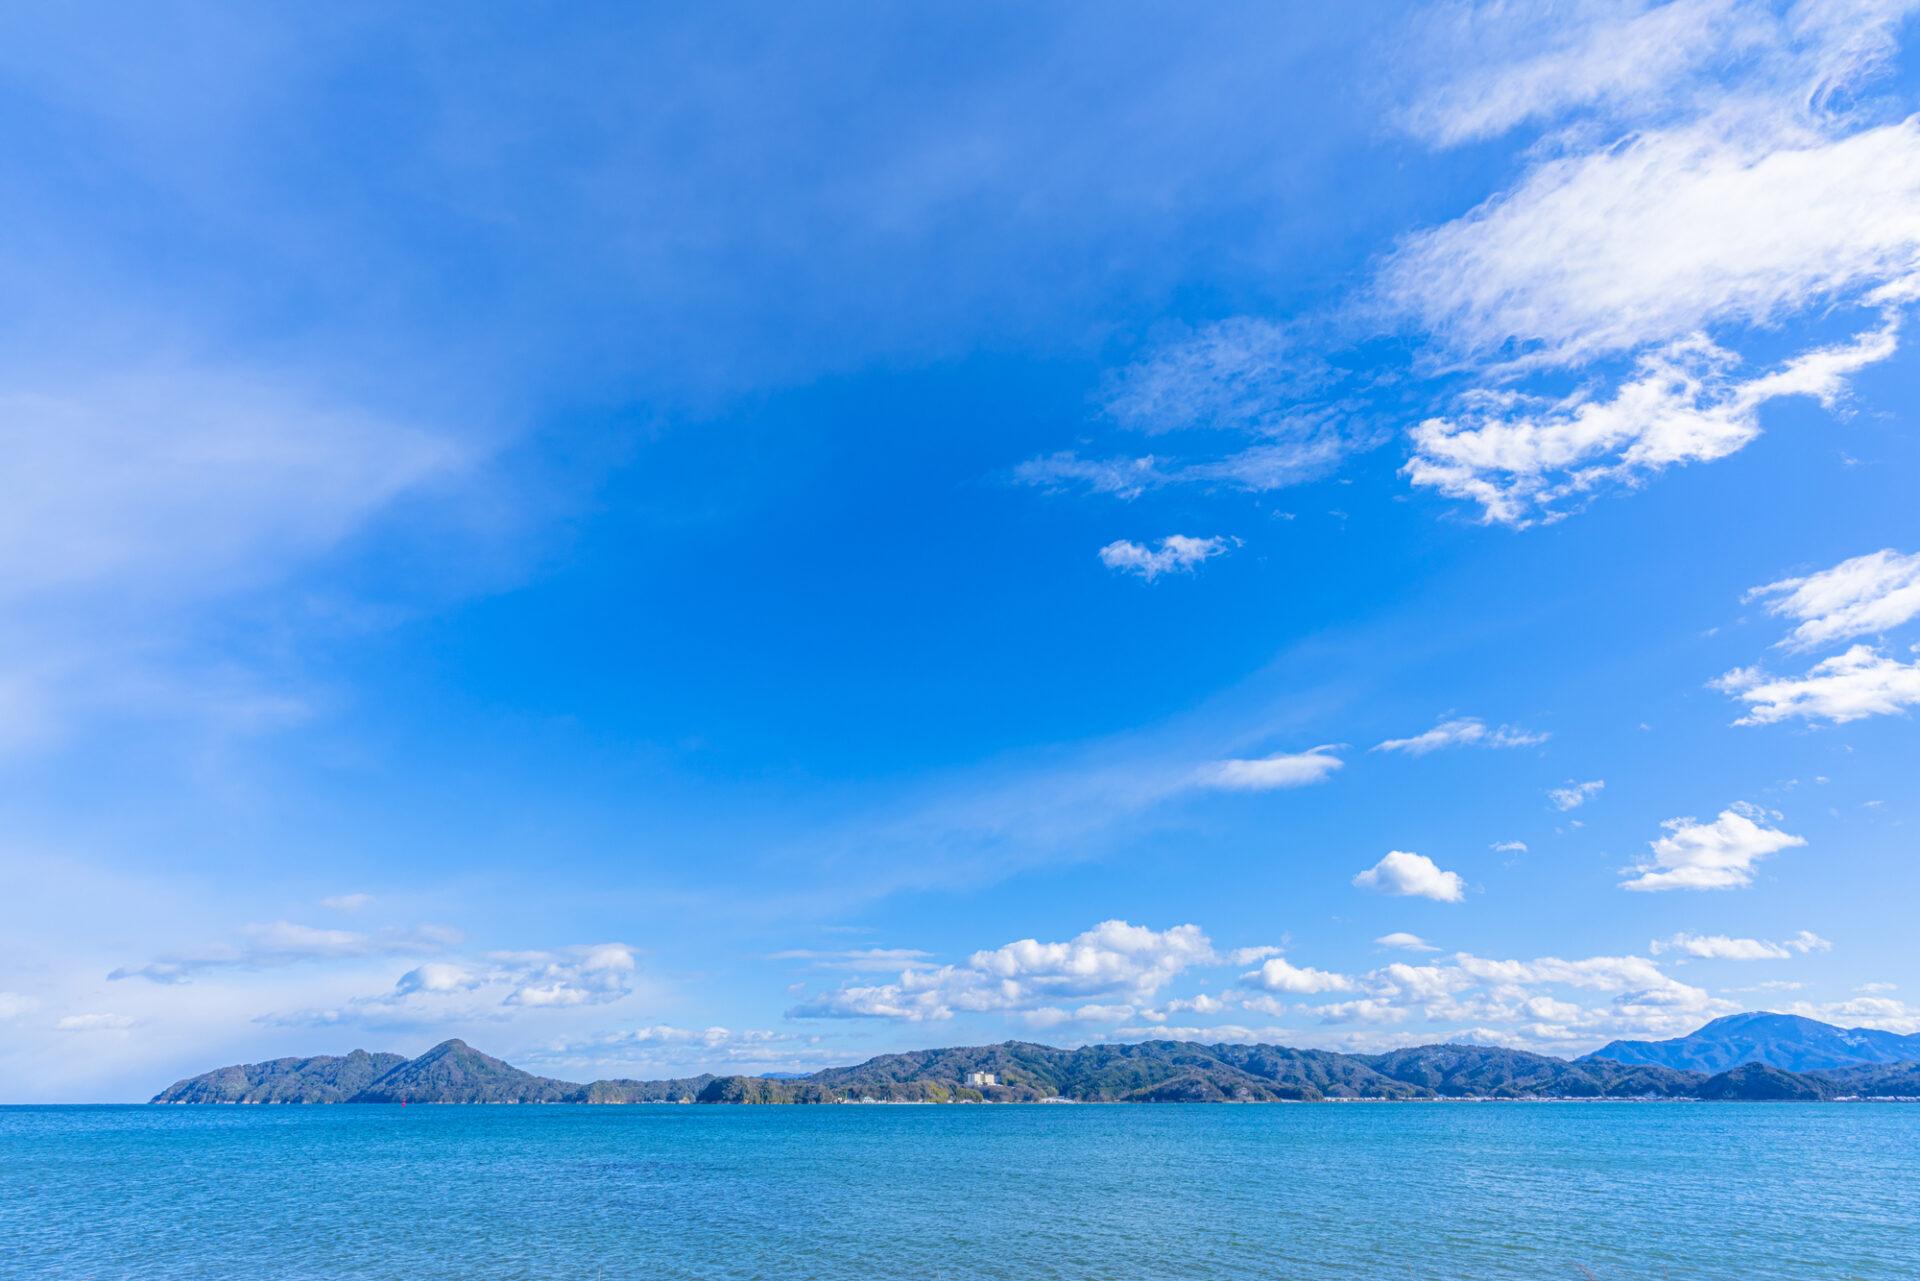 広大な海と青い空